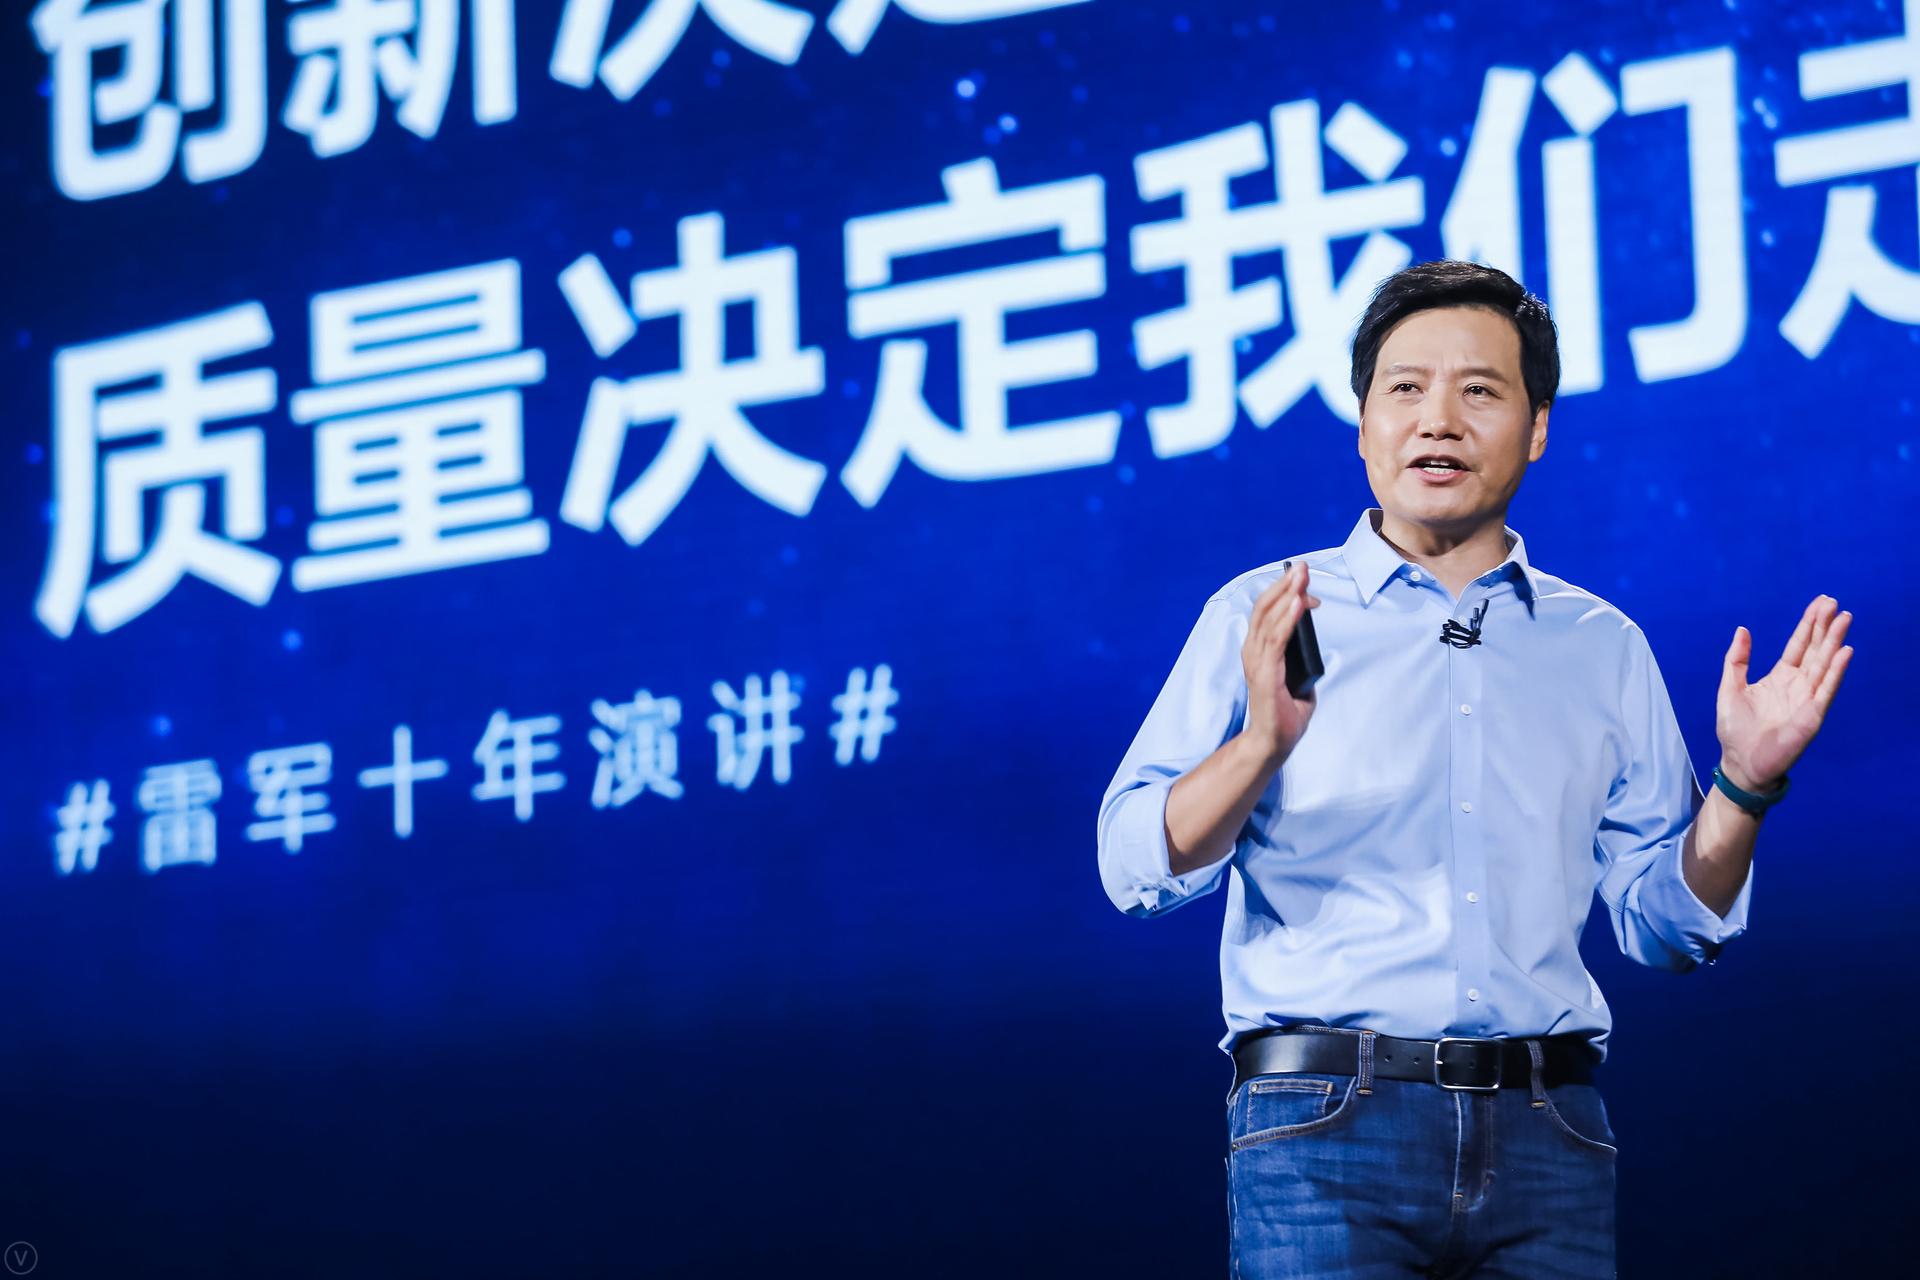 """雷军总结小米十年,宣布面向未来""""三大铁律""""和三大策略"""